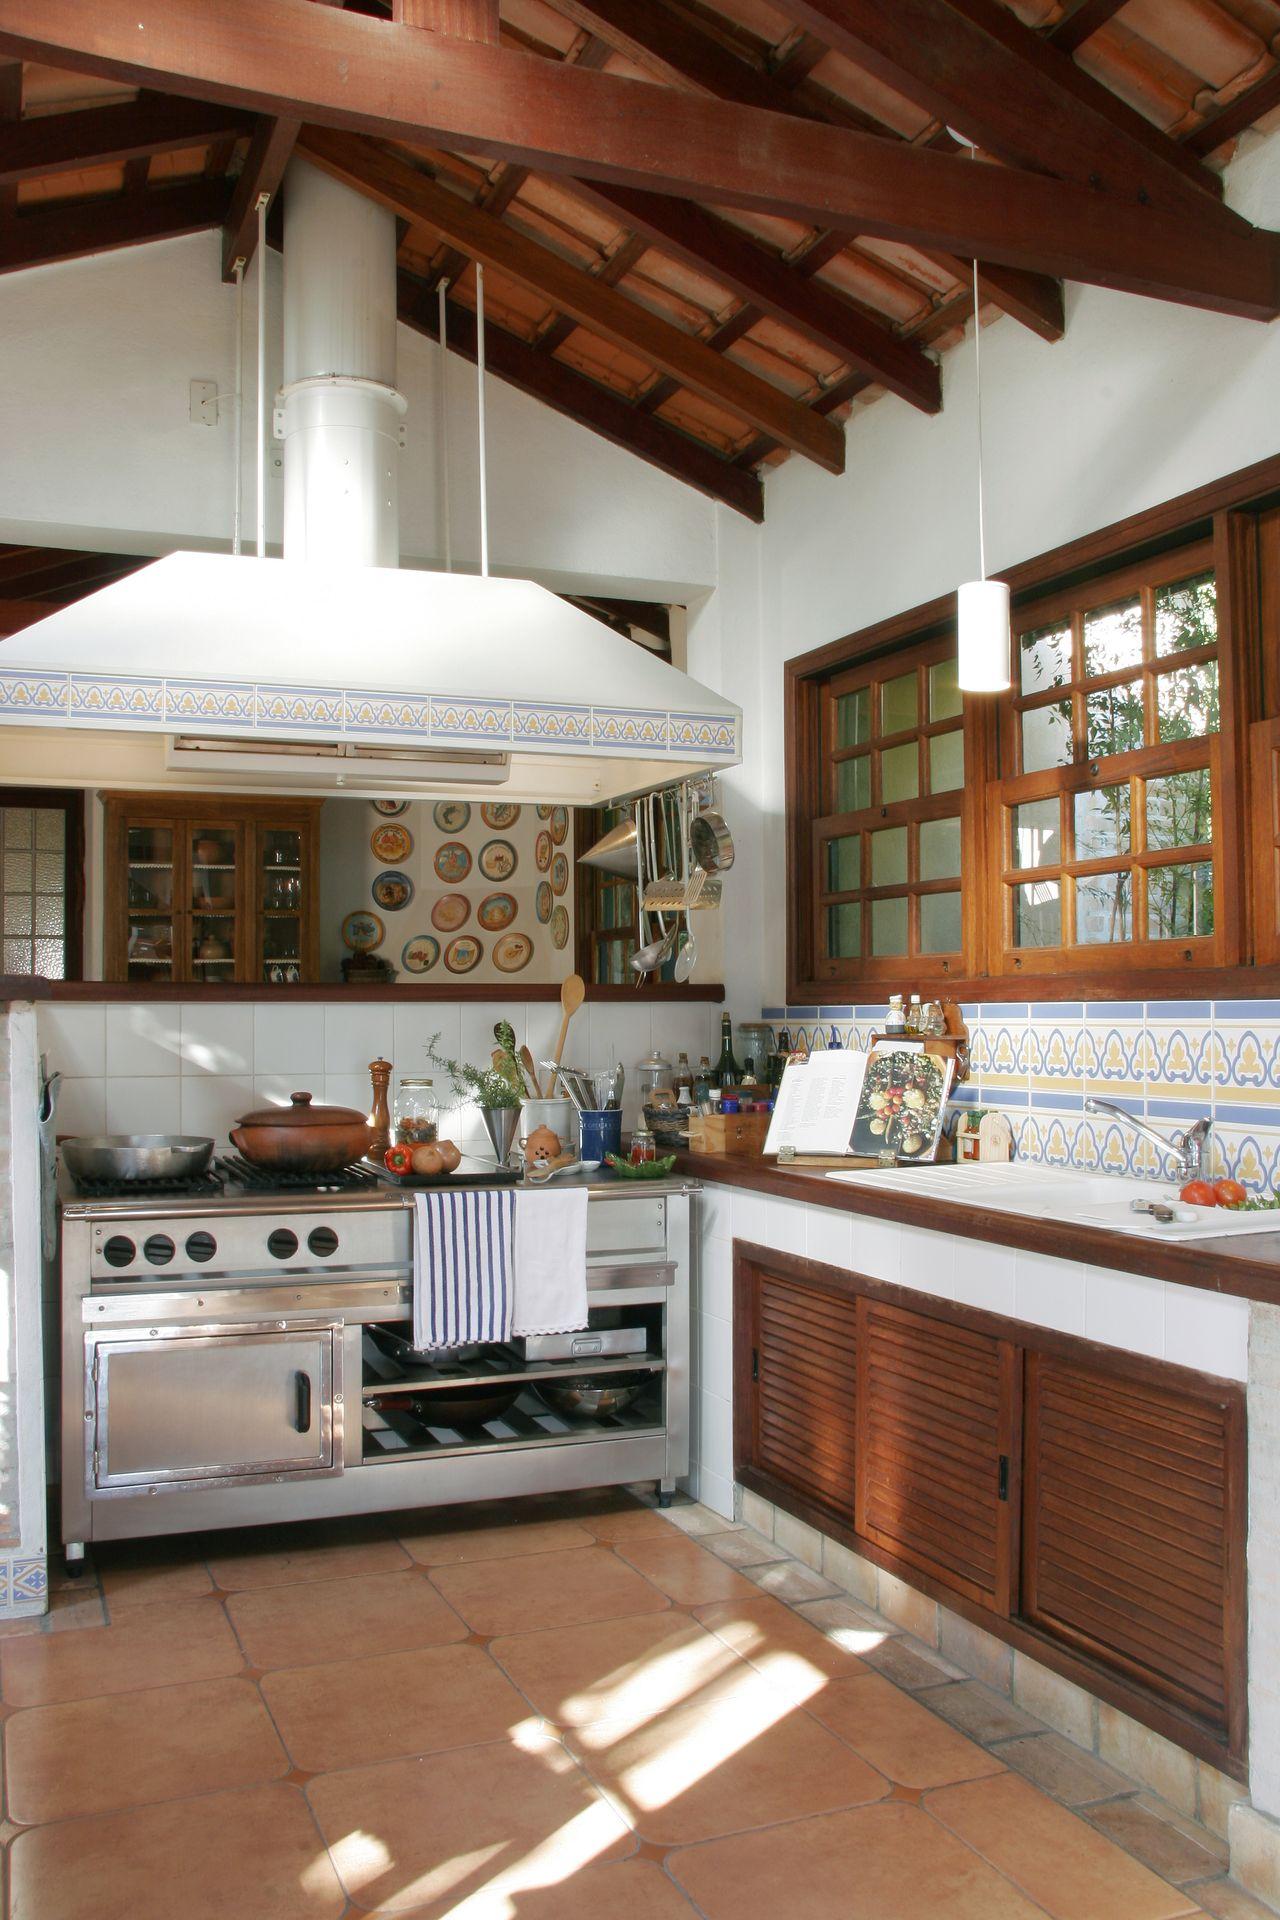 Cozinhas Rusticas Com Ilha Modelos De Cozinha Rstica With Cozinhas